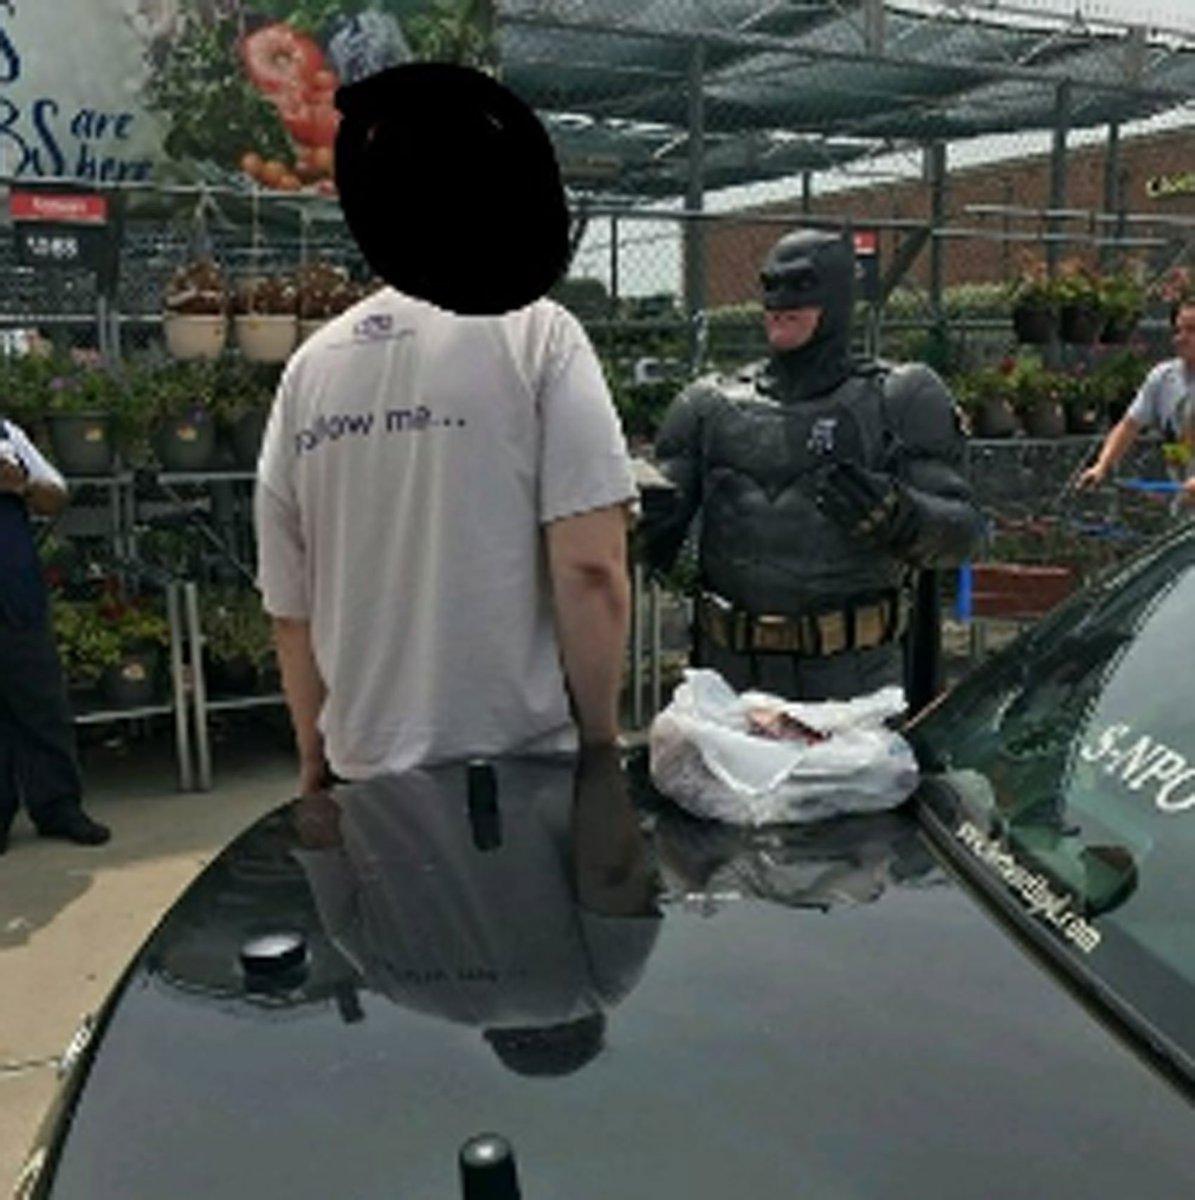 Policial vestido de Batman prende suspeito de roubo nos EUA https://t.co/FfuVg9xU9D #PlanetaBizarro #G1